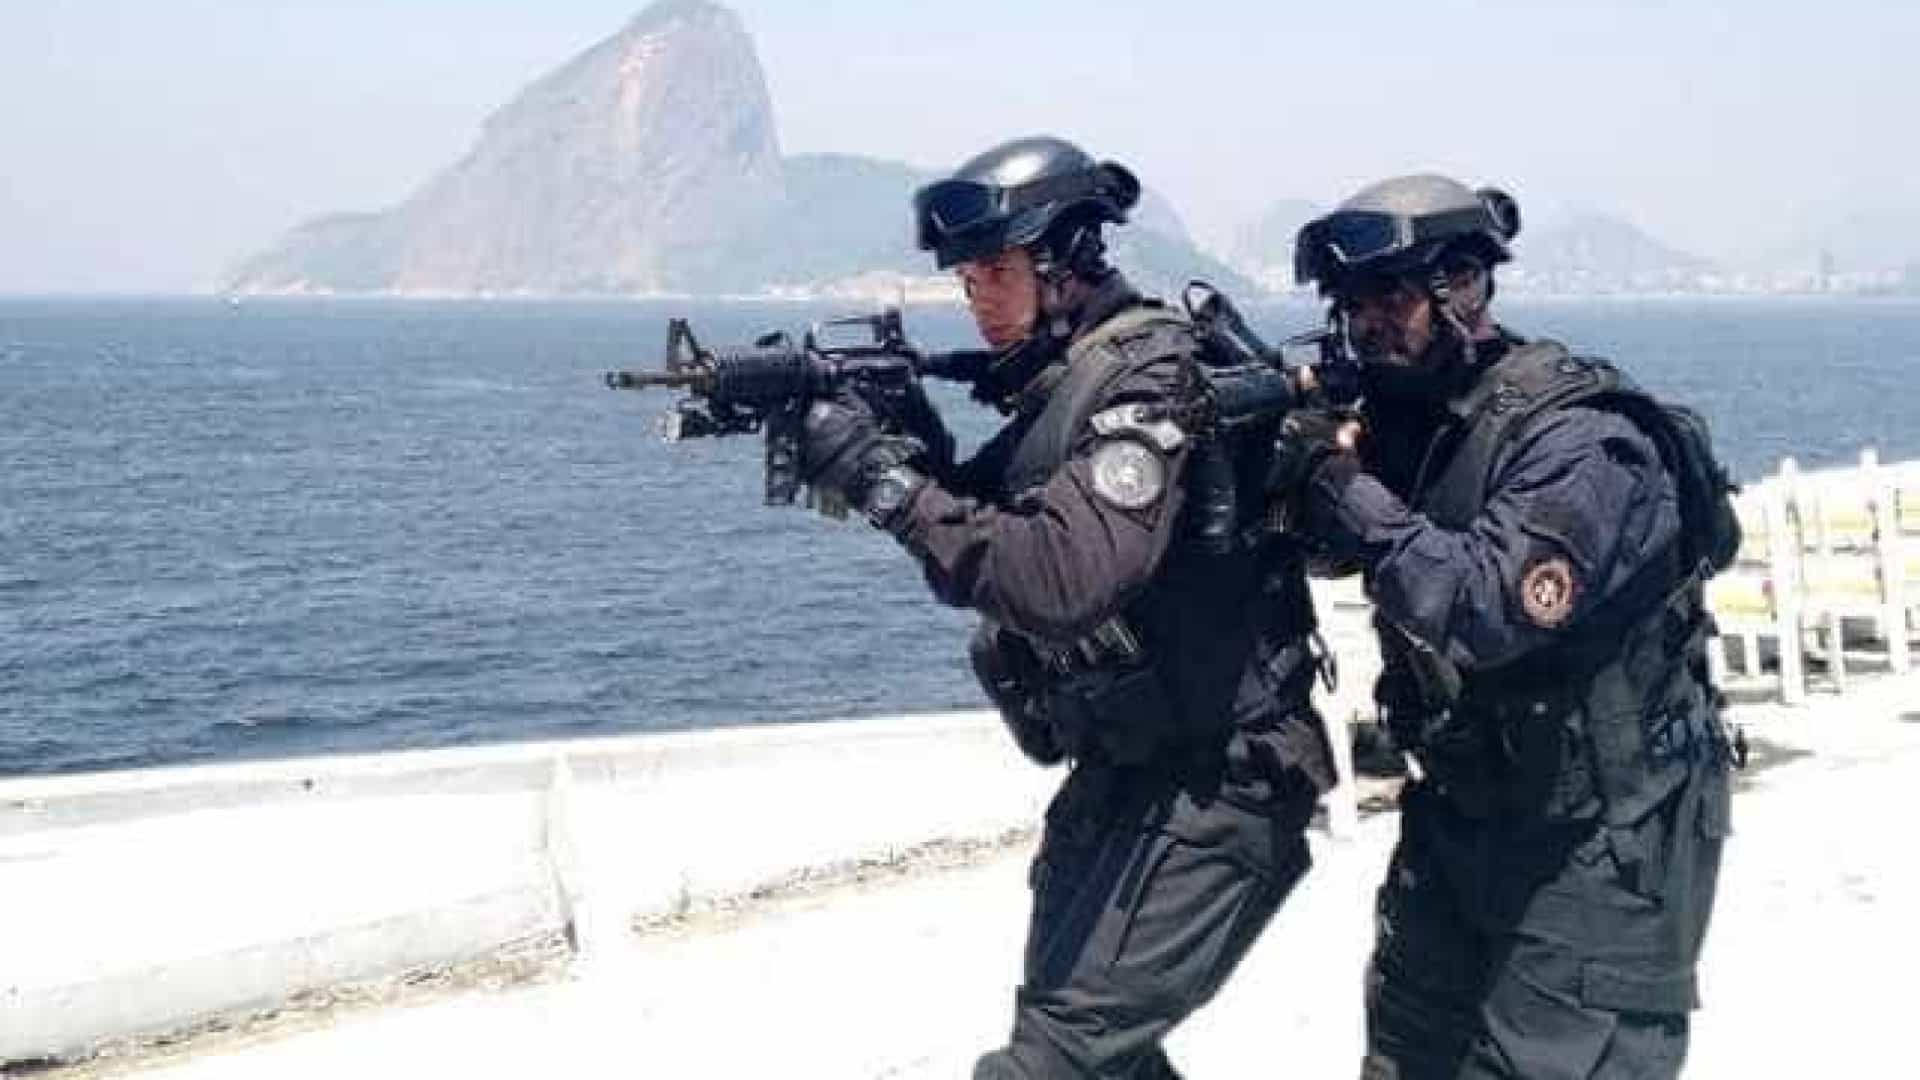 Armas da Rio-2016 serão enviadas para RR para conter crise de segurança